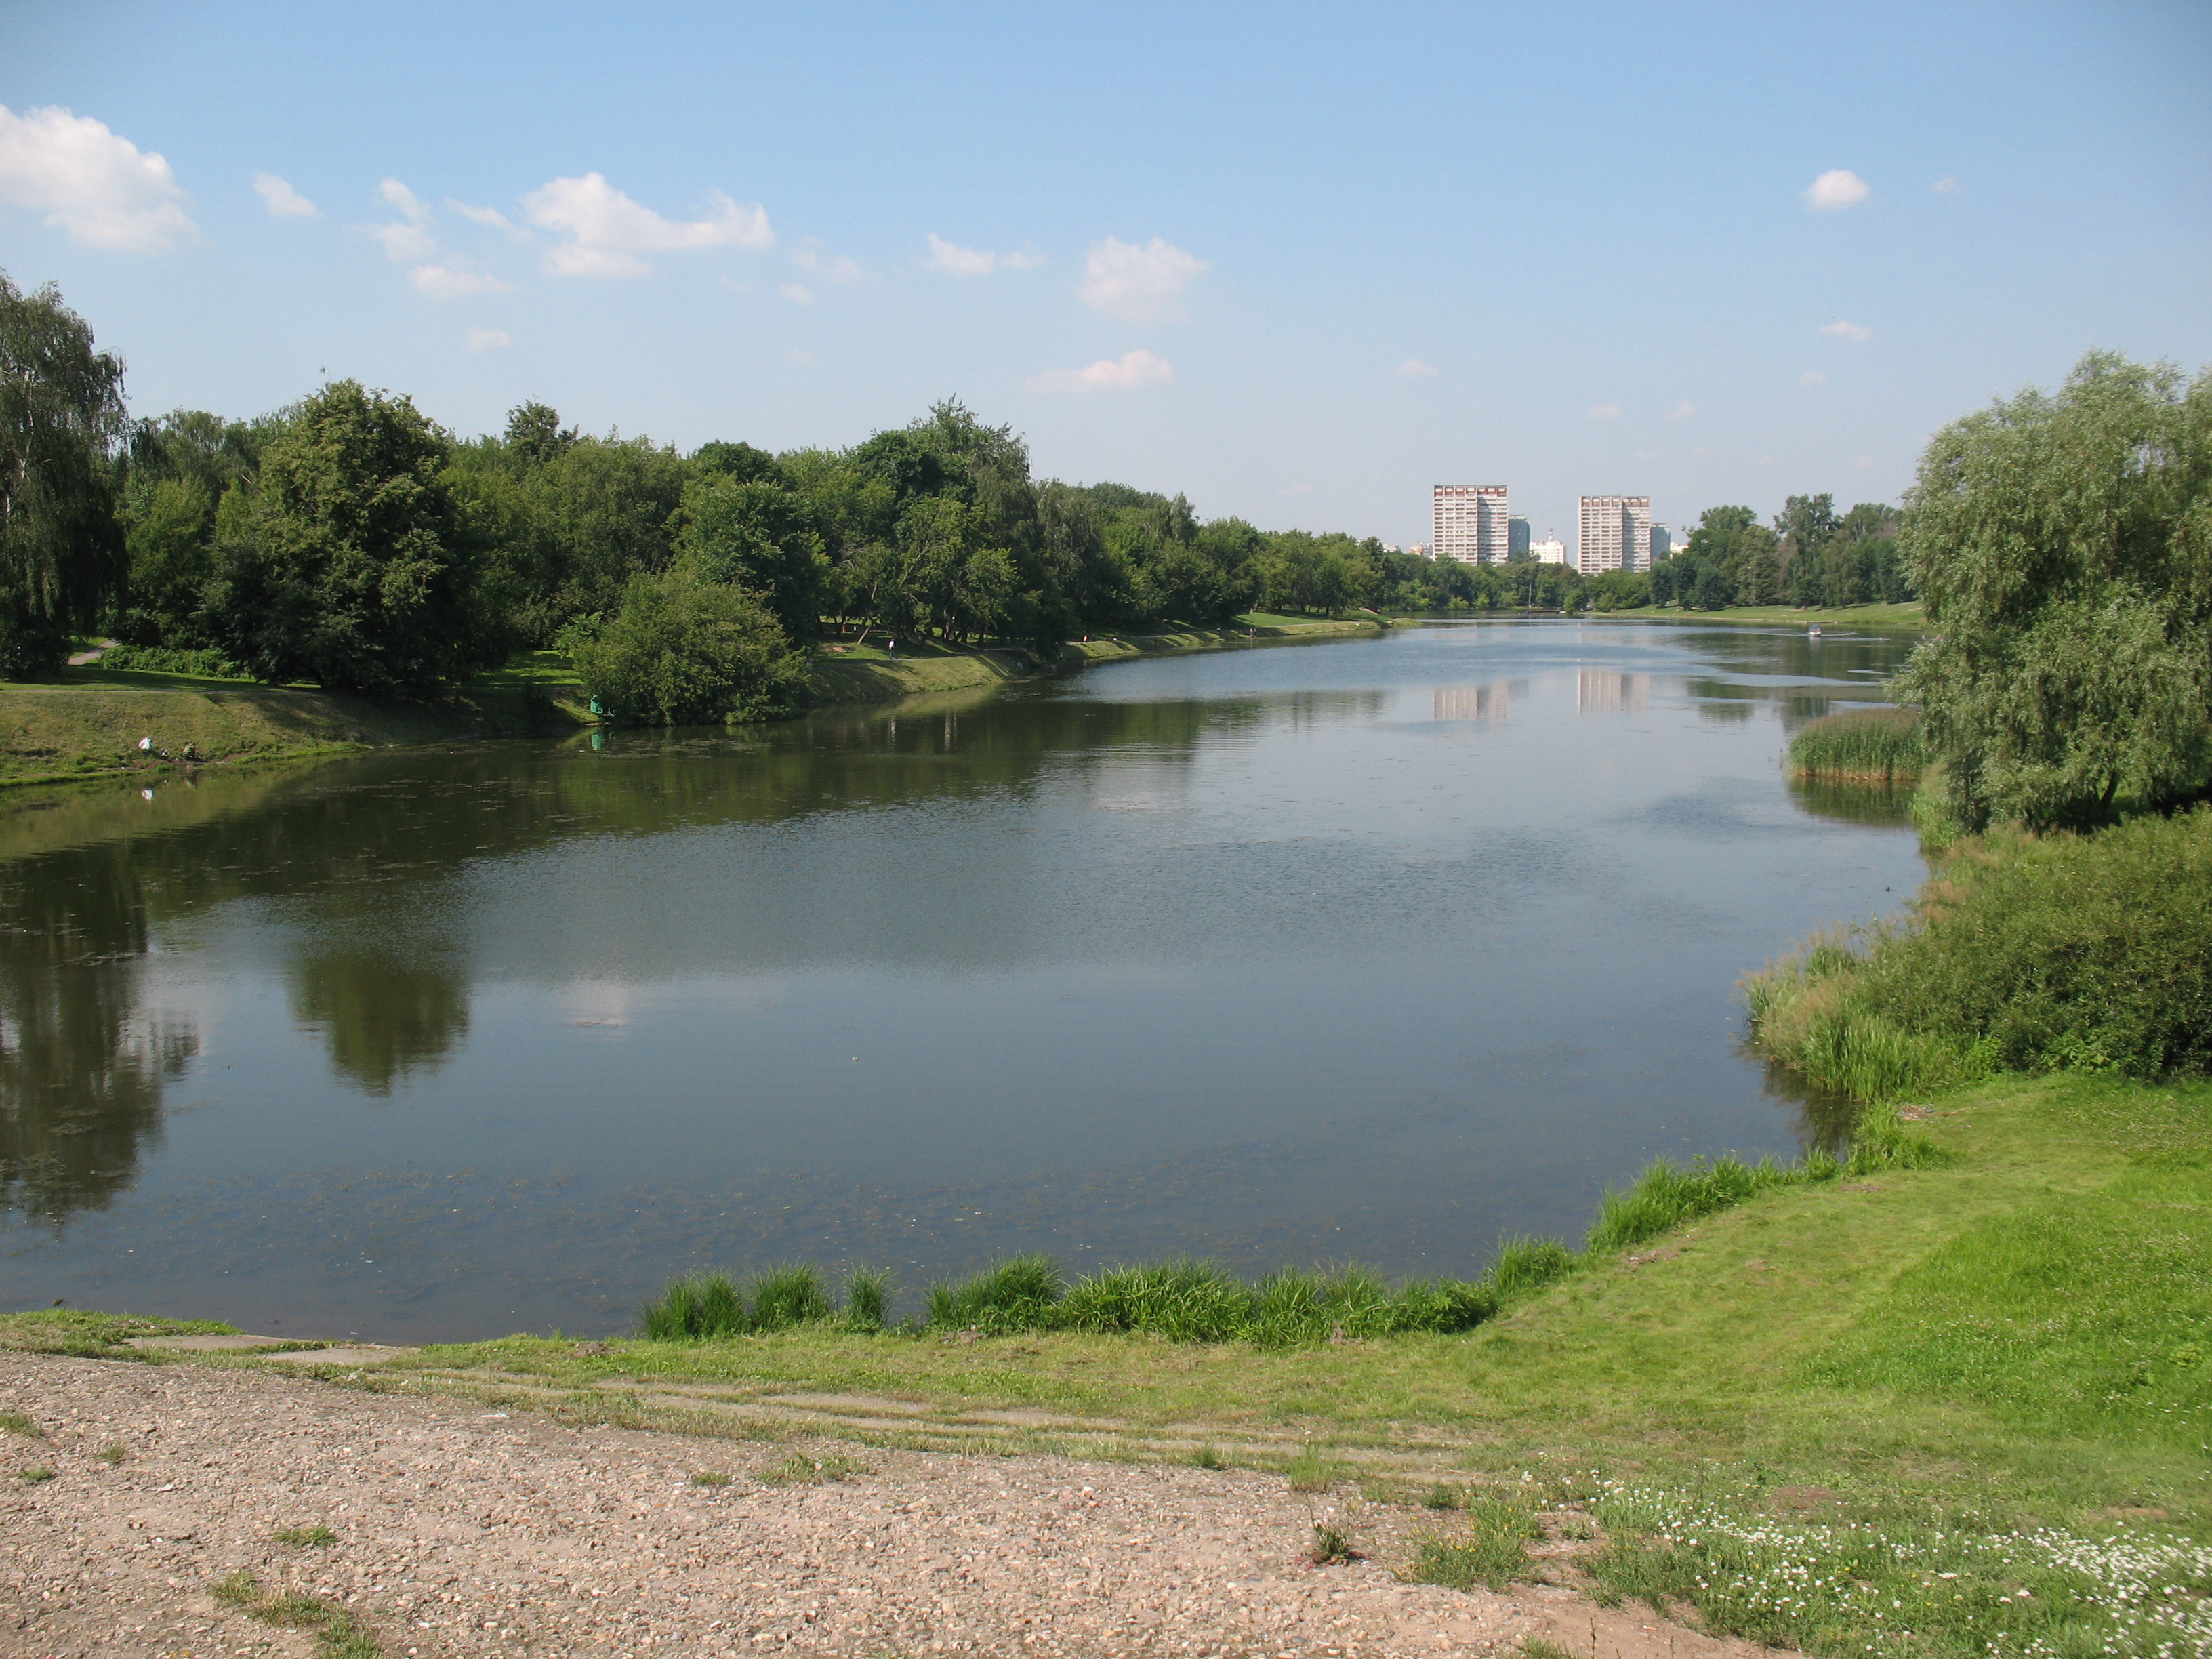 Файл:Люблинский пруд Москва (июль 2011 года).JPG — Википедия